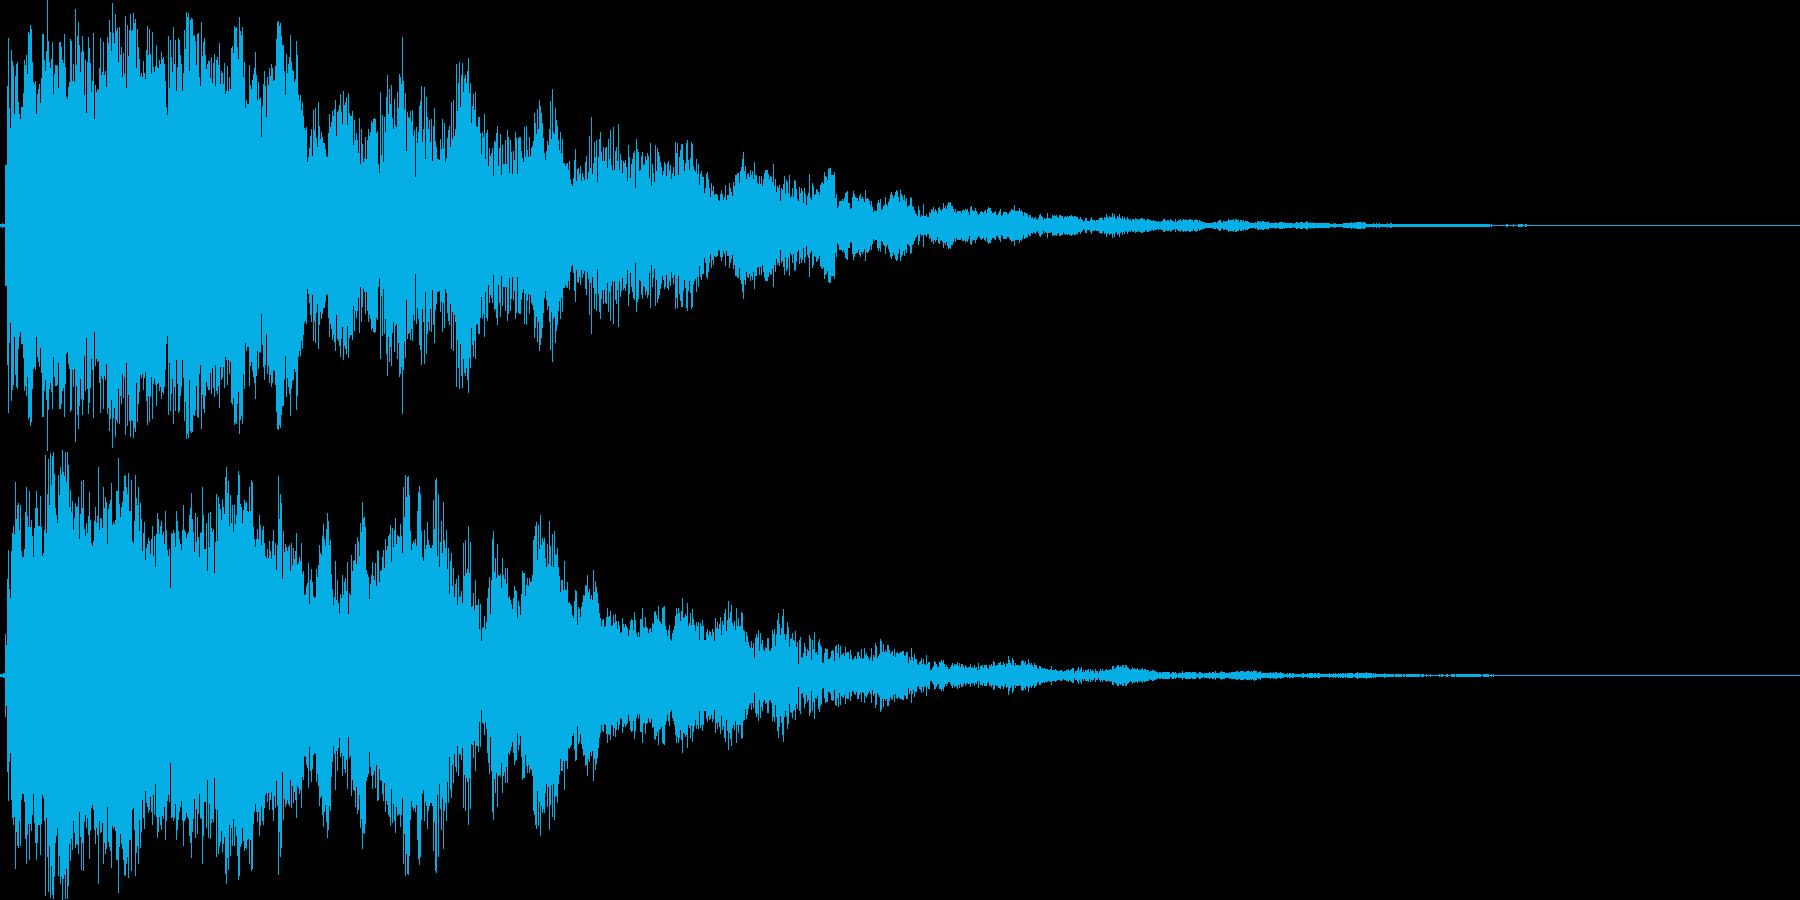 シャキーン!(闇や毒などの特殊魔法)10の再生済みの波形